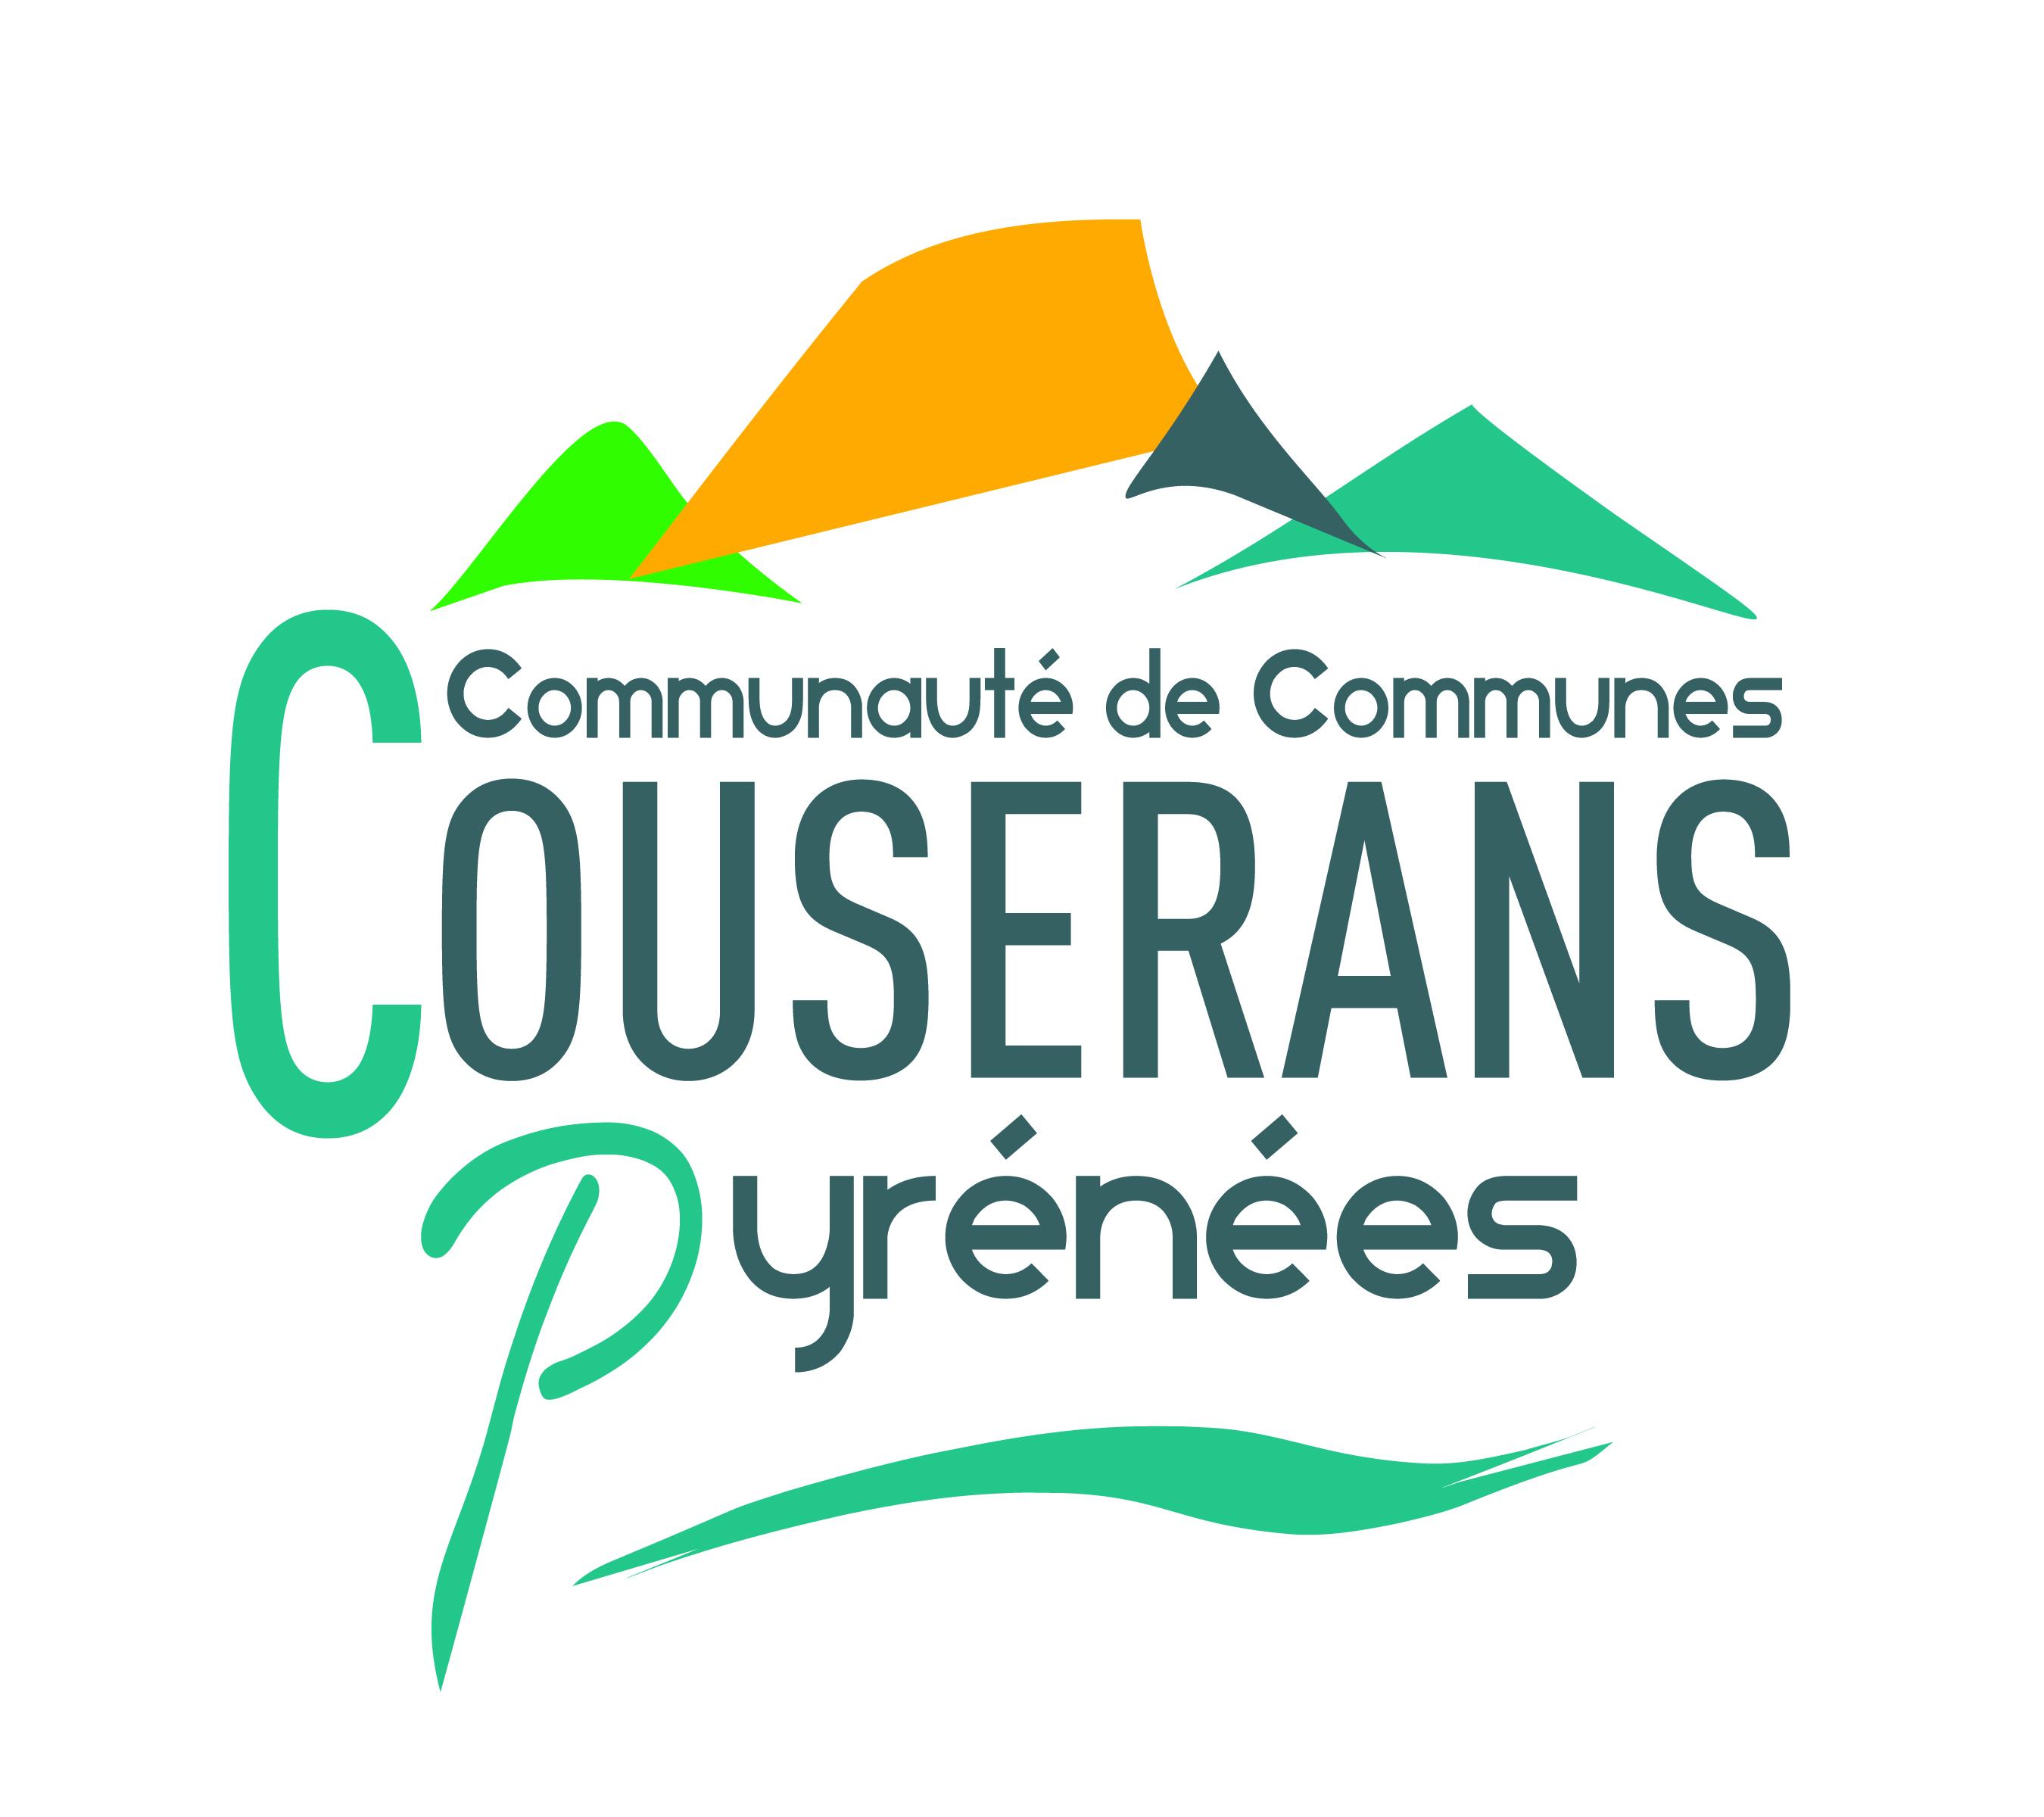 logo communauté des communes couserans pyrenees